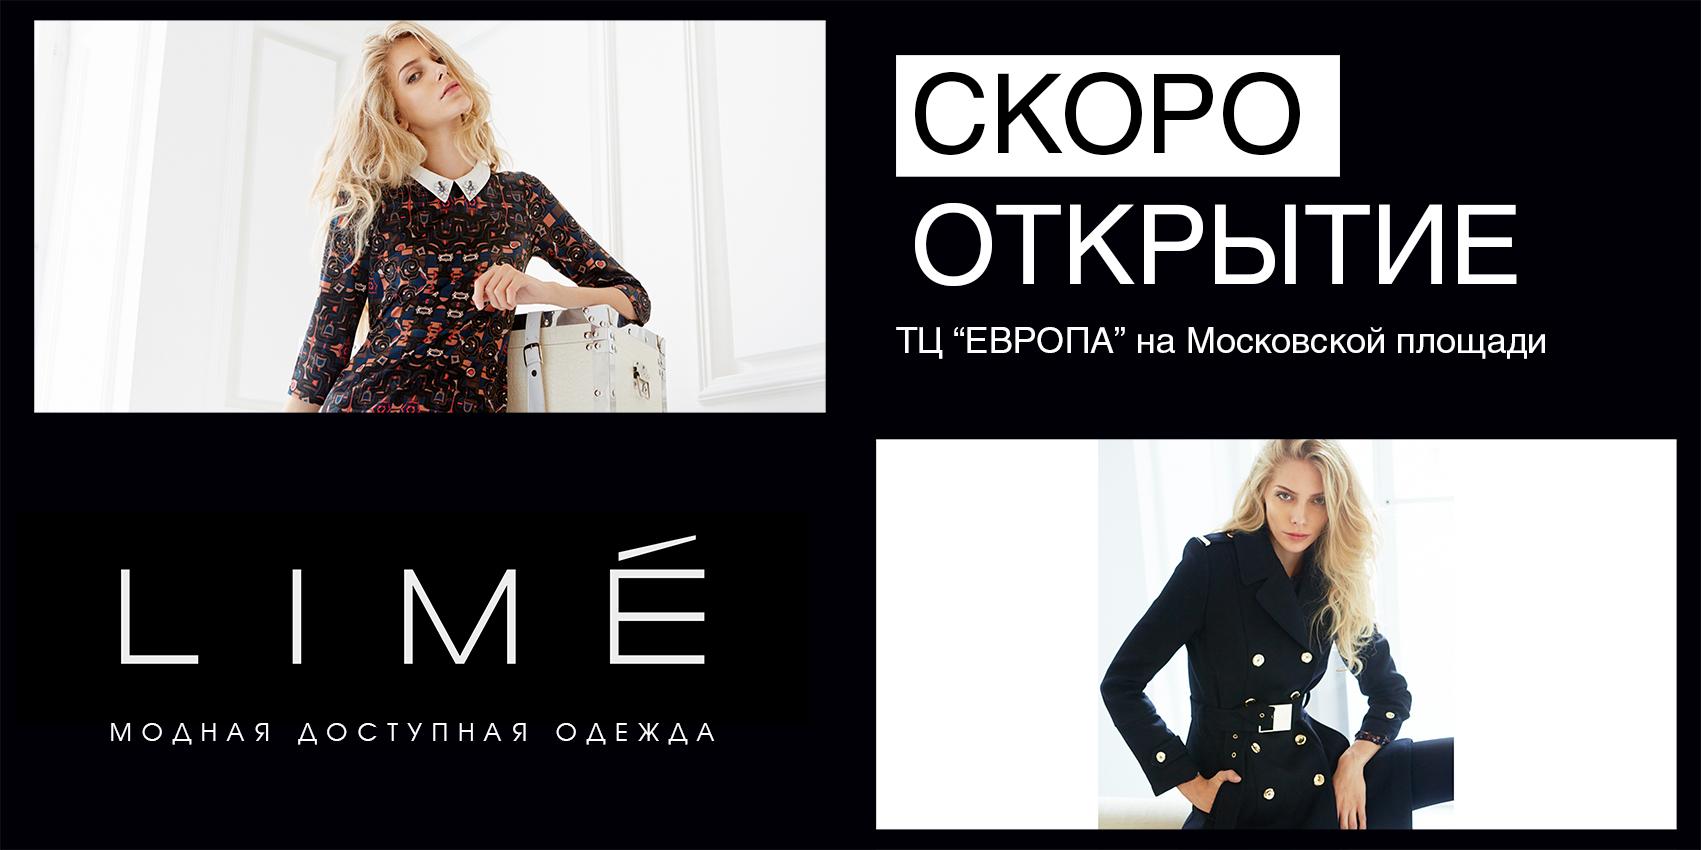 Сбор заказов. Встречает новый бутиковый бренд L-i-m-e! И сразу сумашедшая распродажа. Скидки до 70%!